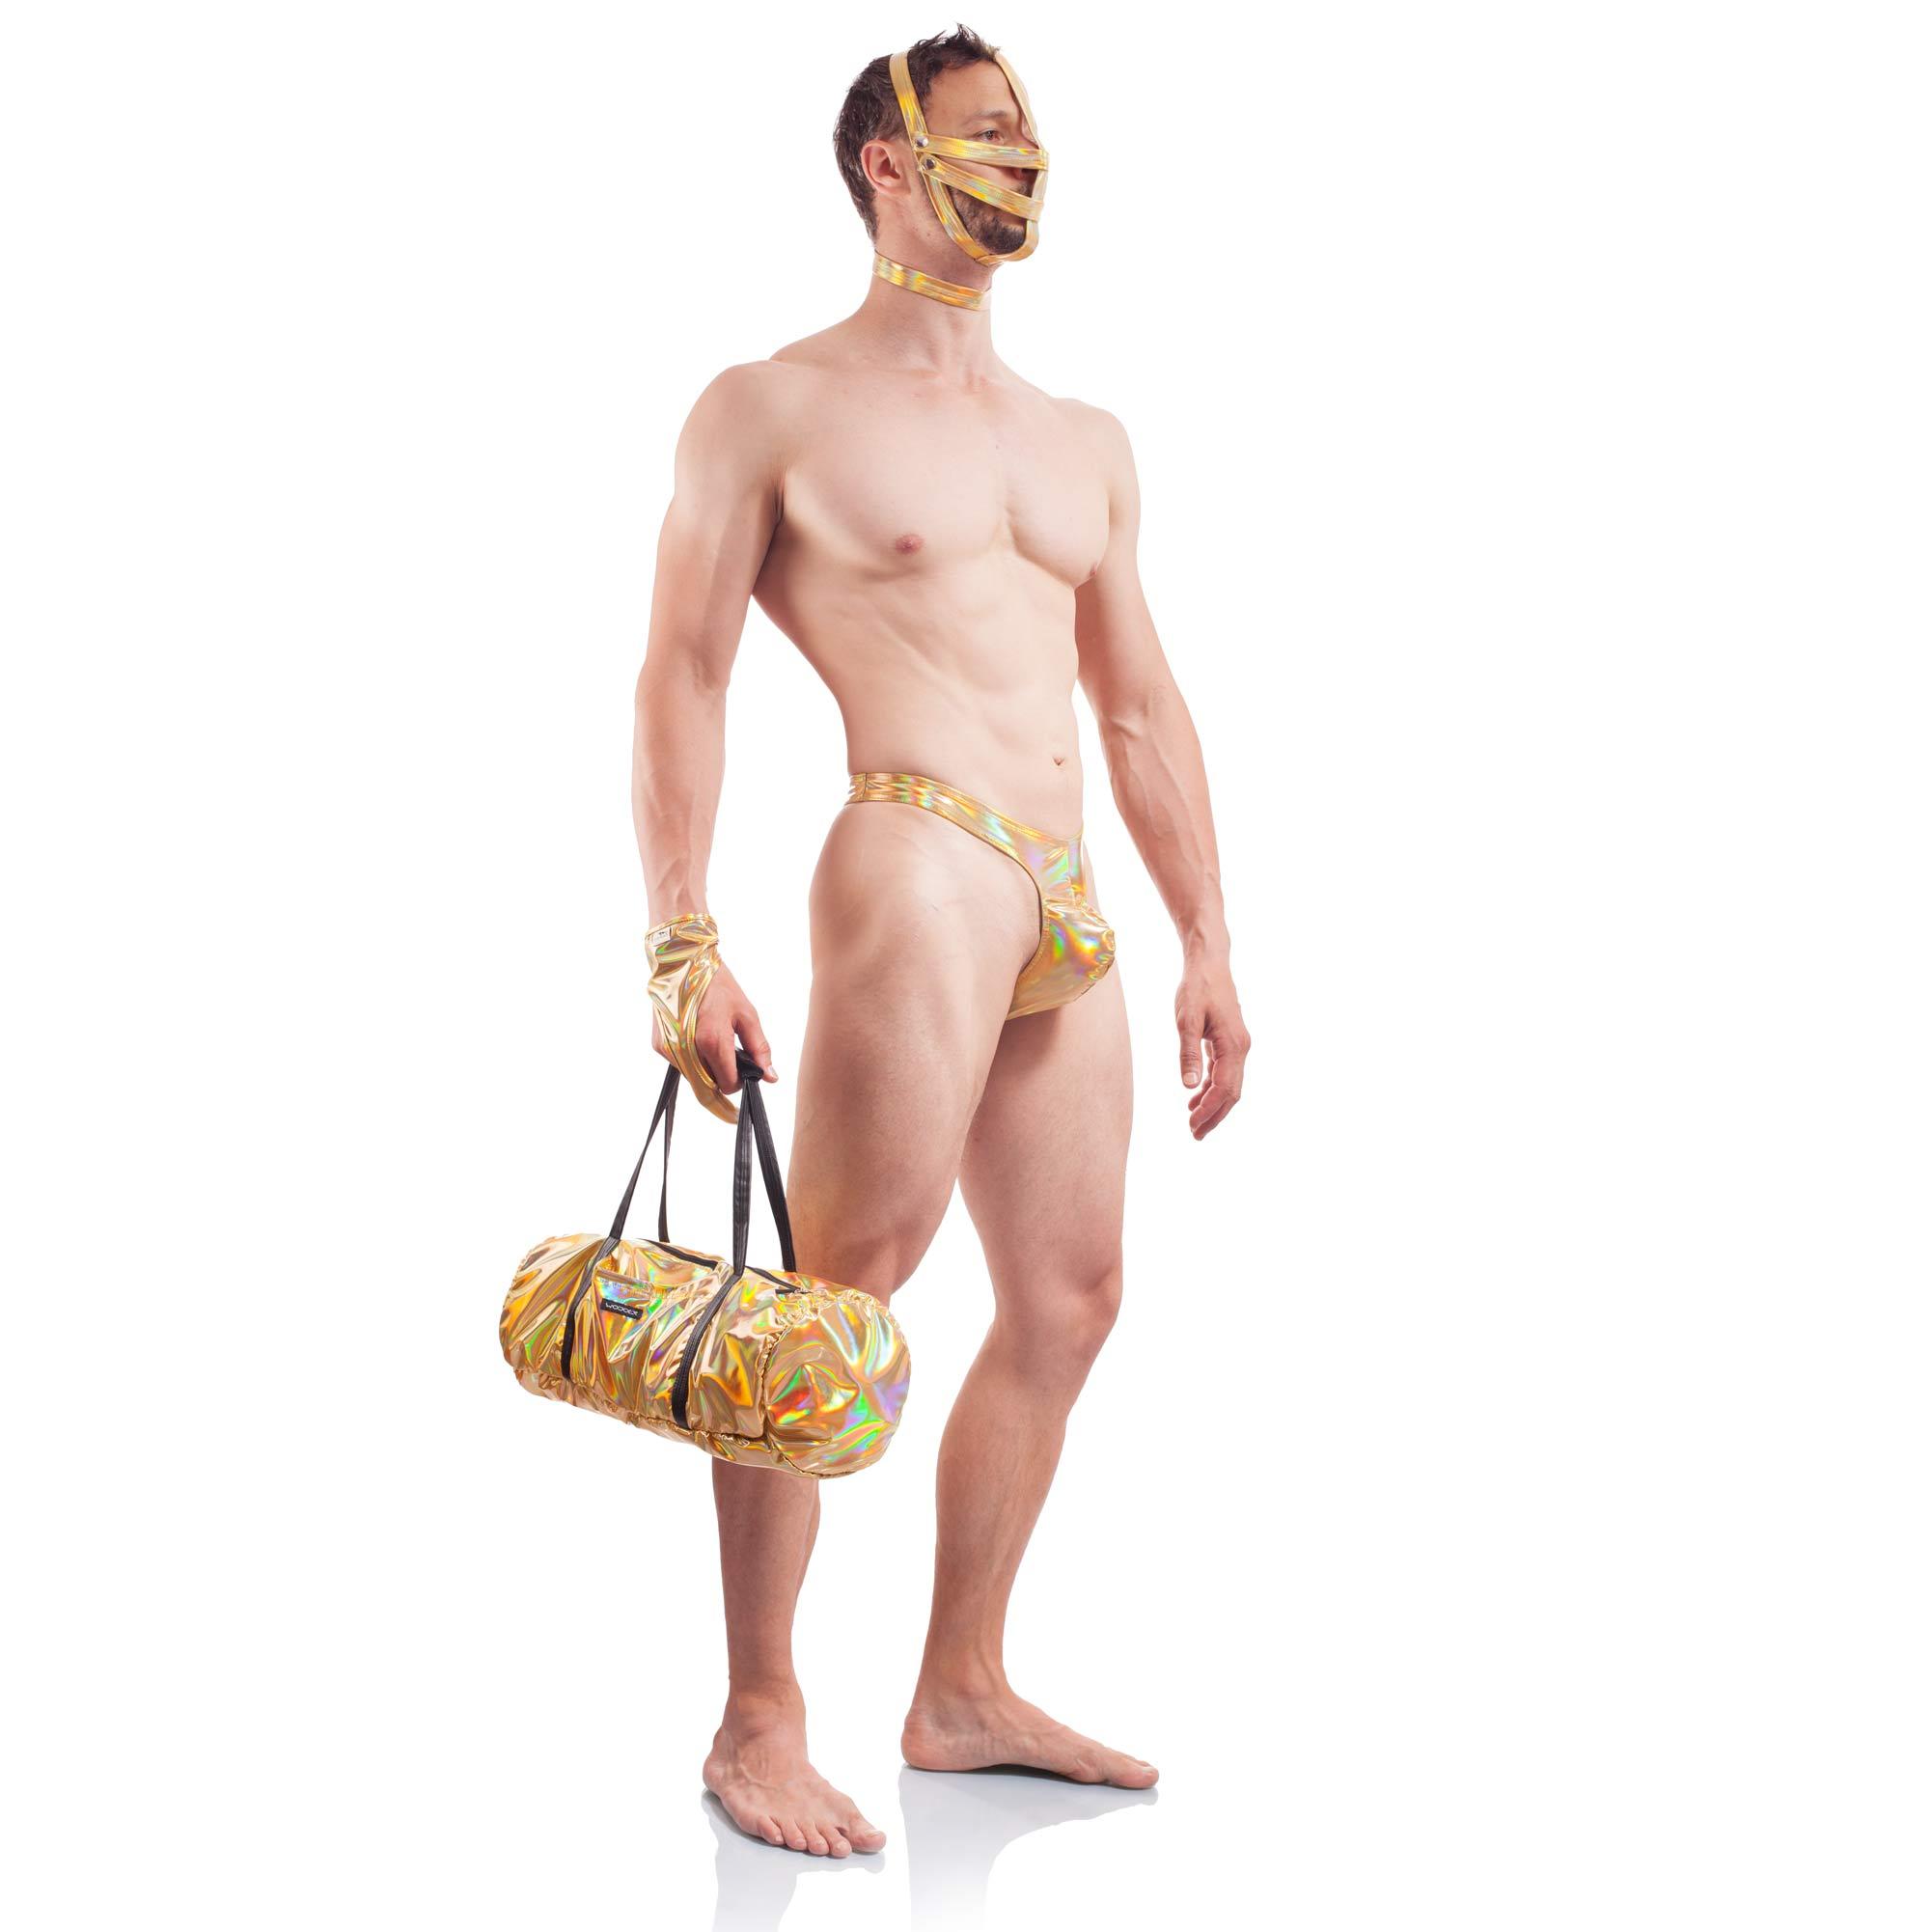 Golden Line, Tasche, gold glänzendes Lederimitat, Lack, dehnbar, stauraum